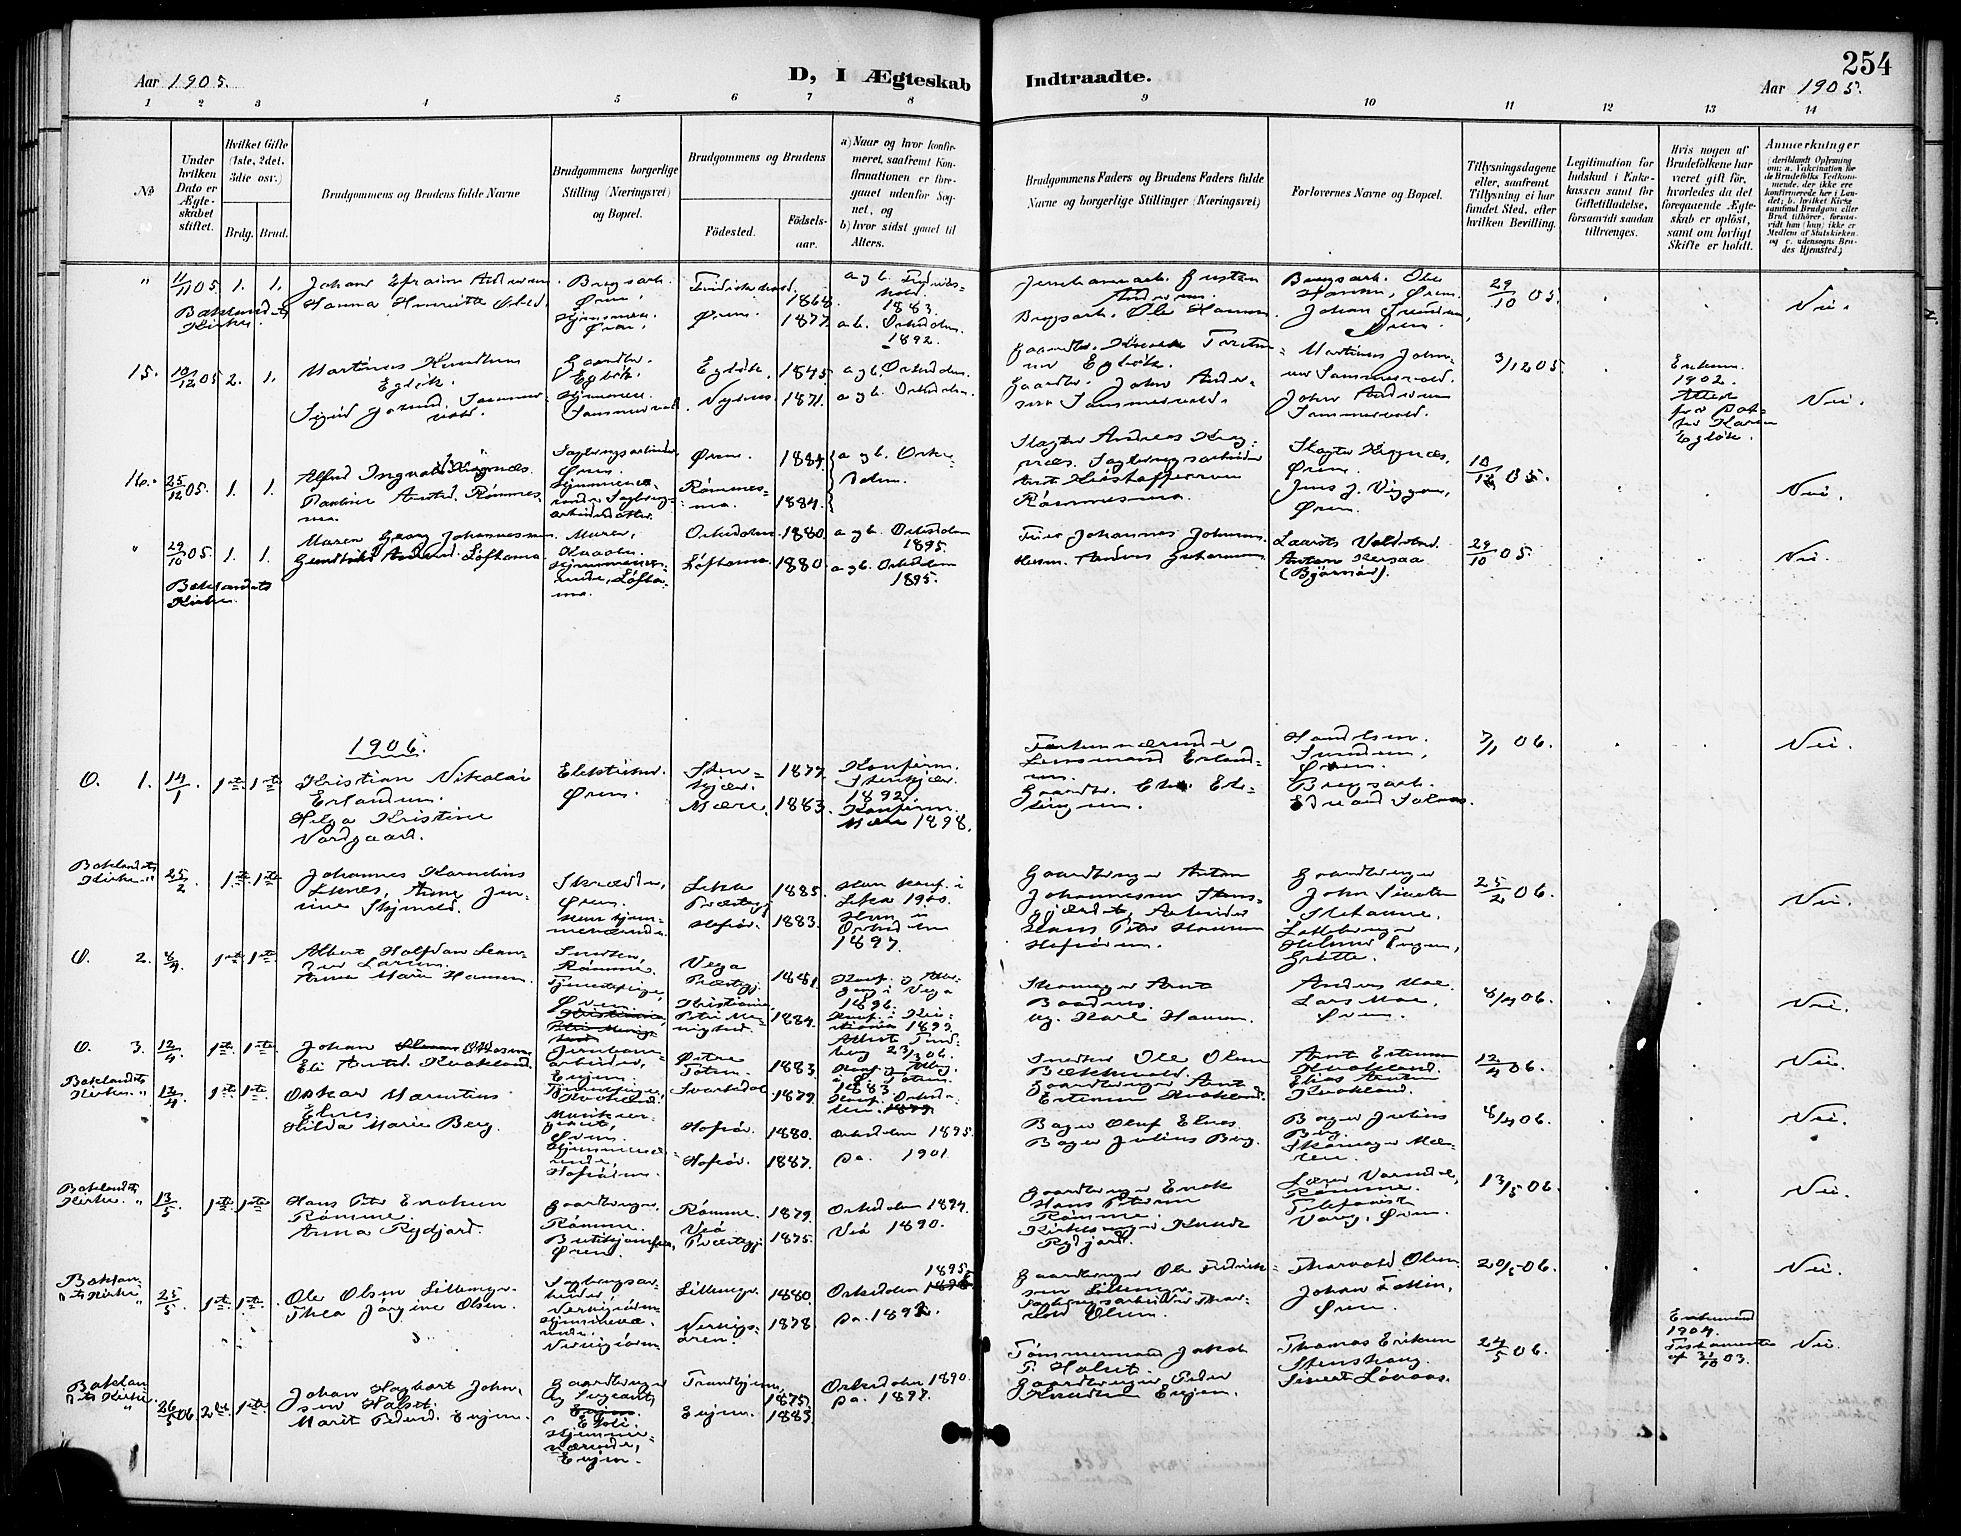 SAT, Ministerialprotokoller, klokkerbøker og fødselsregistre - Sør-Trøndelag, 668/L0819: Klokkerbok nr. 668C08, 1899-1912, s. 254